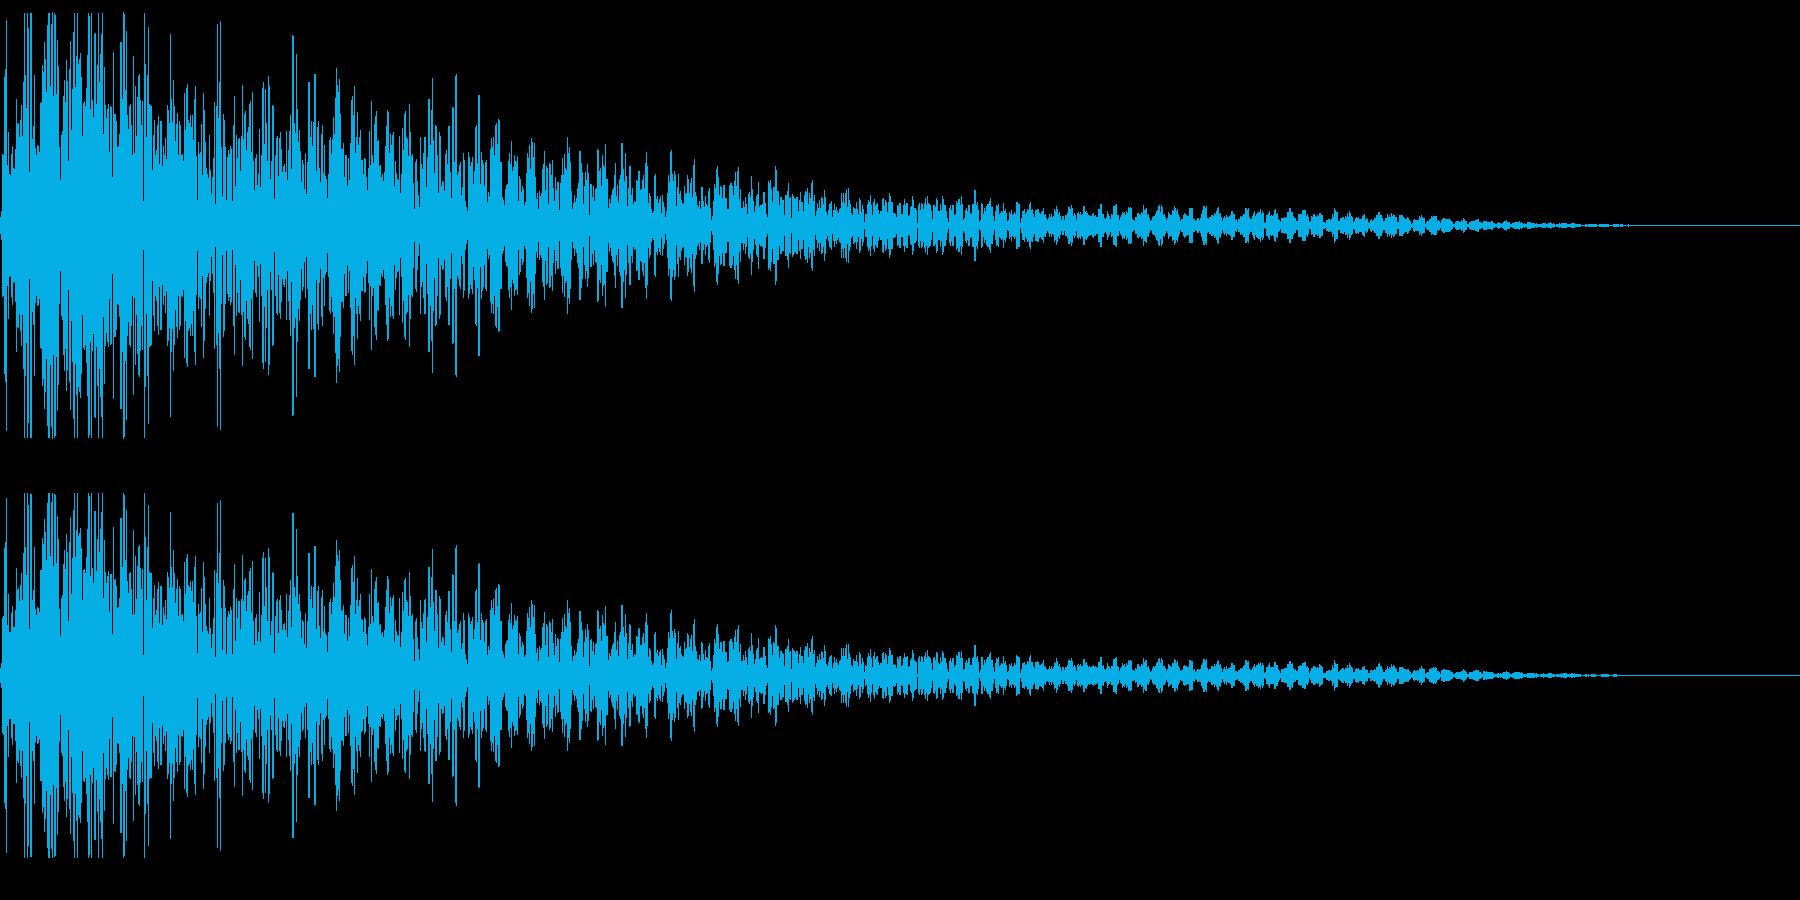 ぼよよん ボヨヨン 揺れる音の再生済みの波形